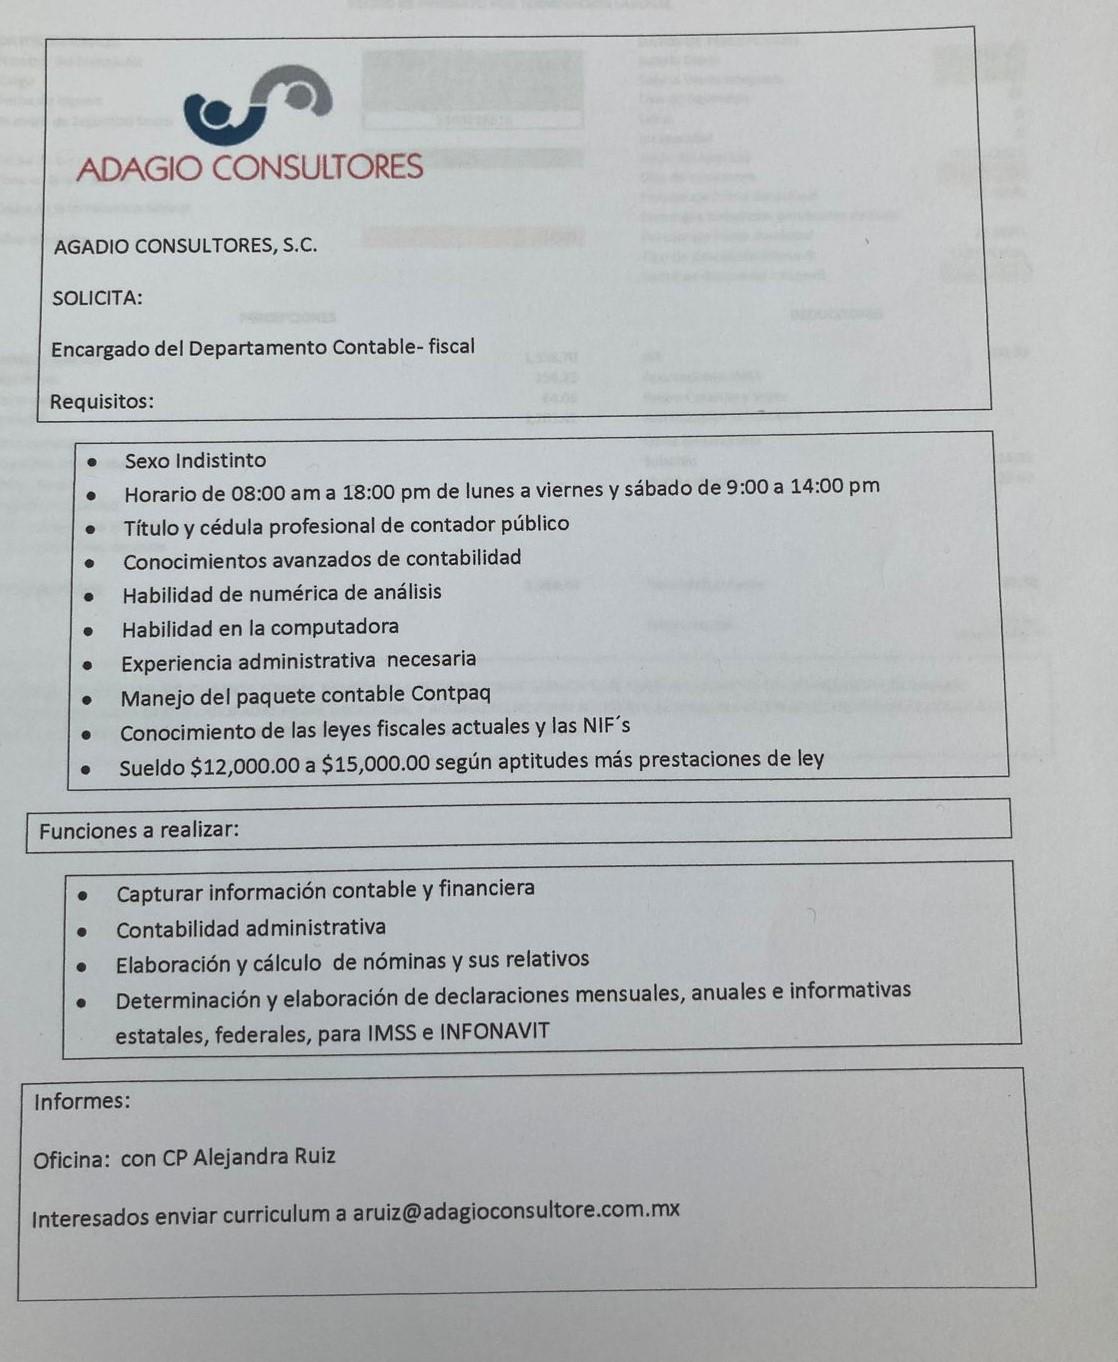 solicitud-de-vacante-encaragdo-del-departamento-de-contabilidad